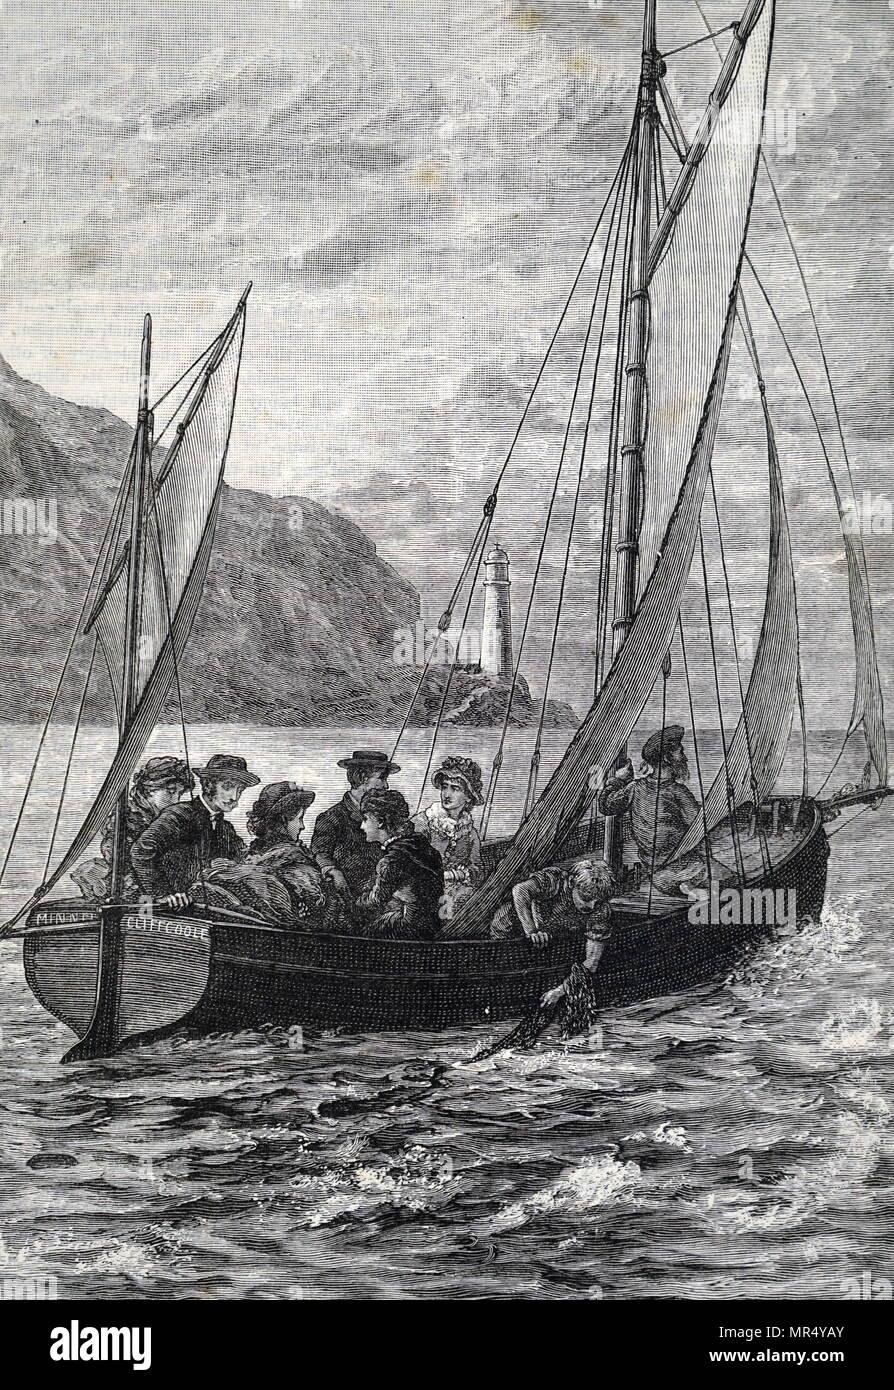 Ilustración mostrando los turistas tomando un viaje en barco. Fecha del siglo XIX Imagen De Stock